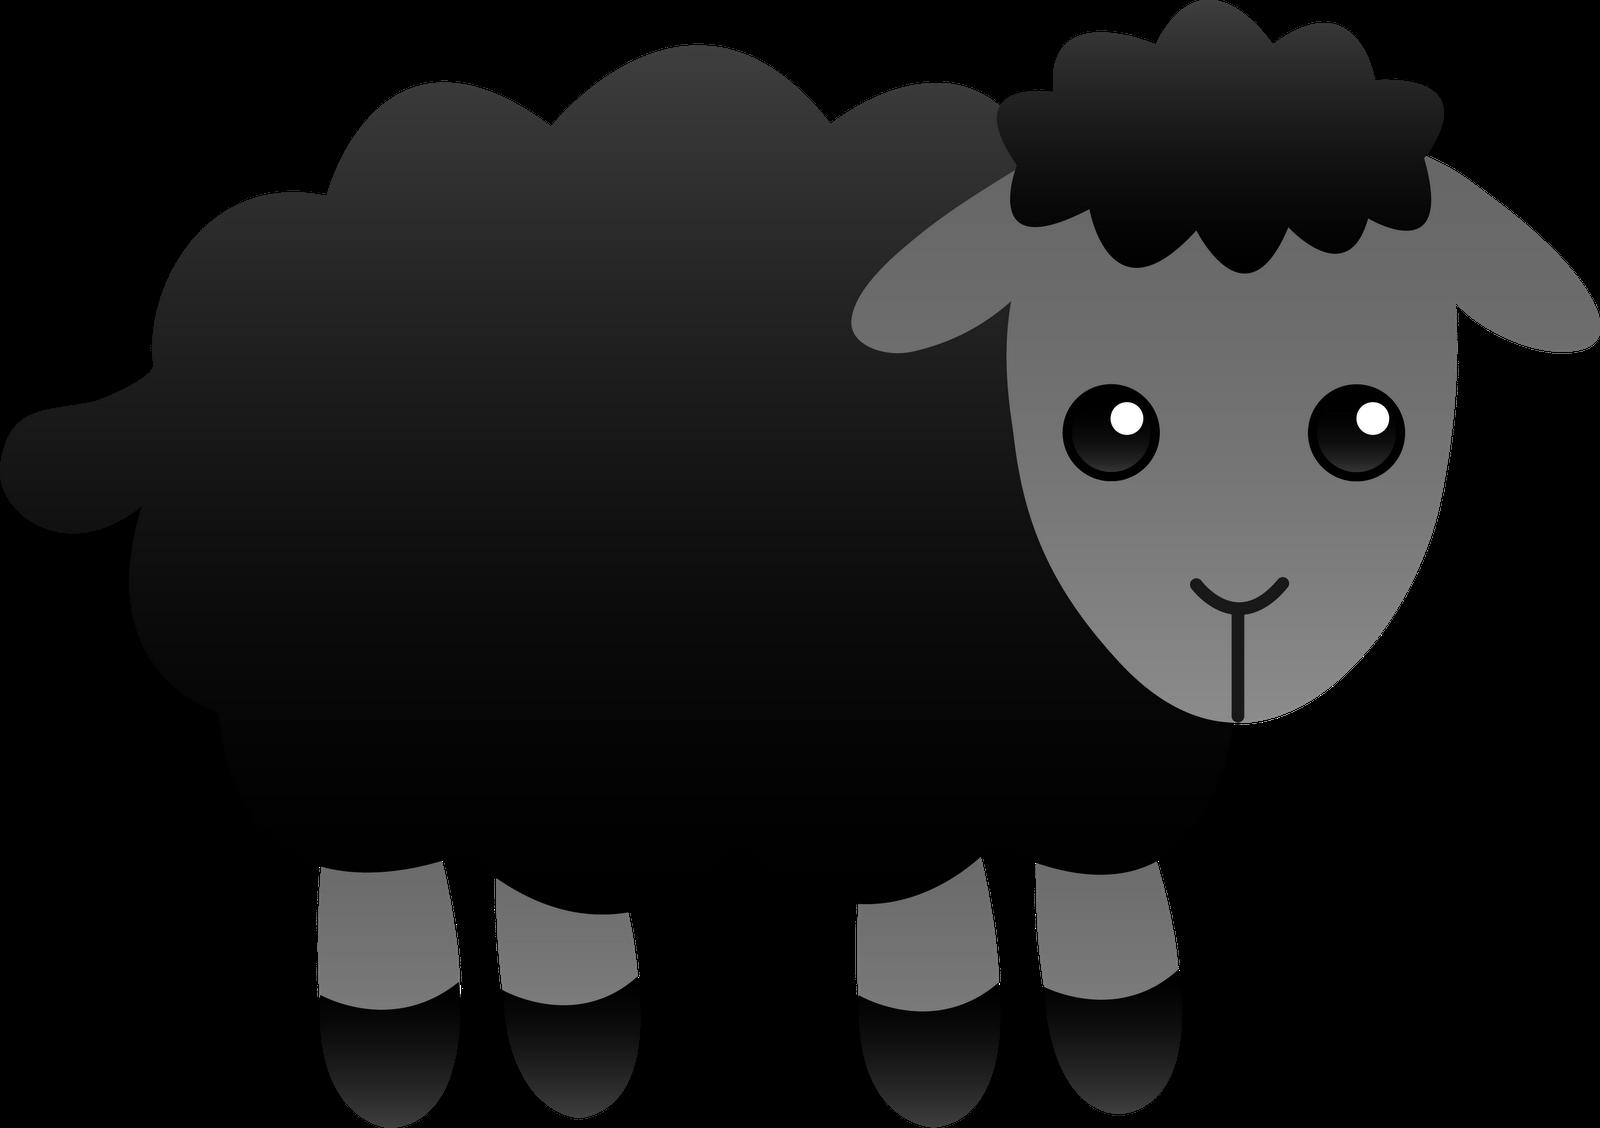 Baa baa black sheep clip art.